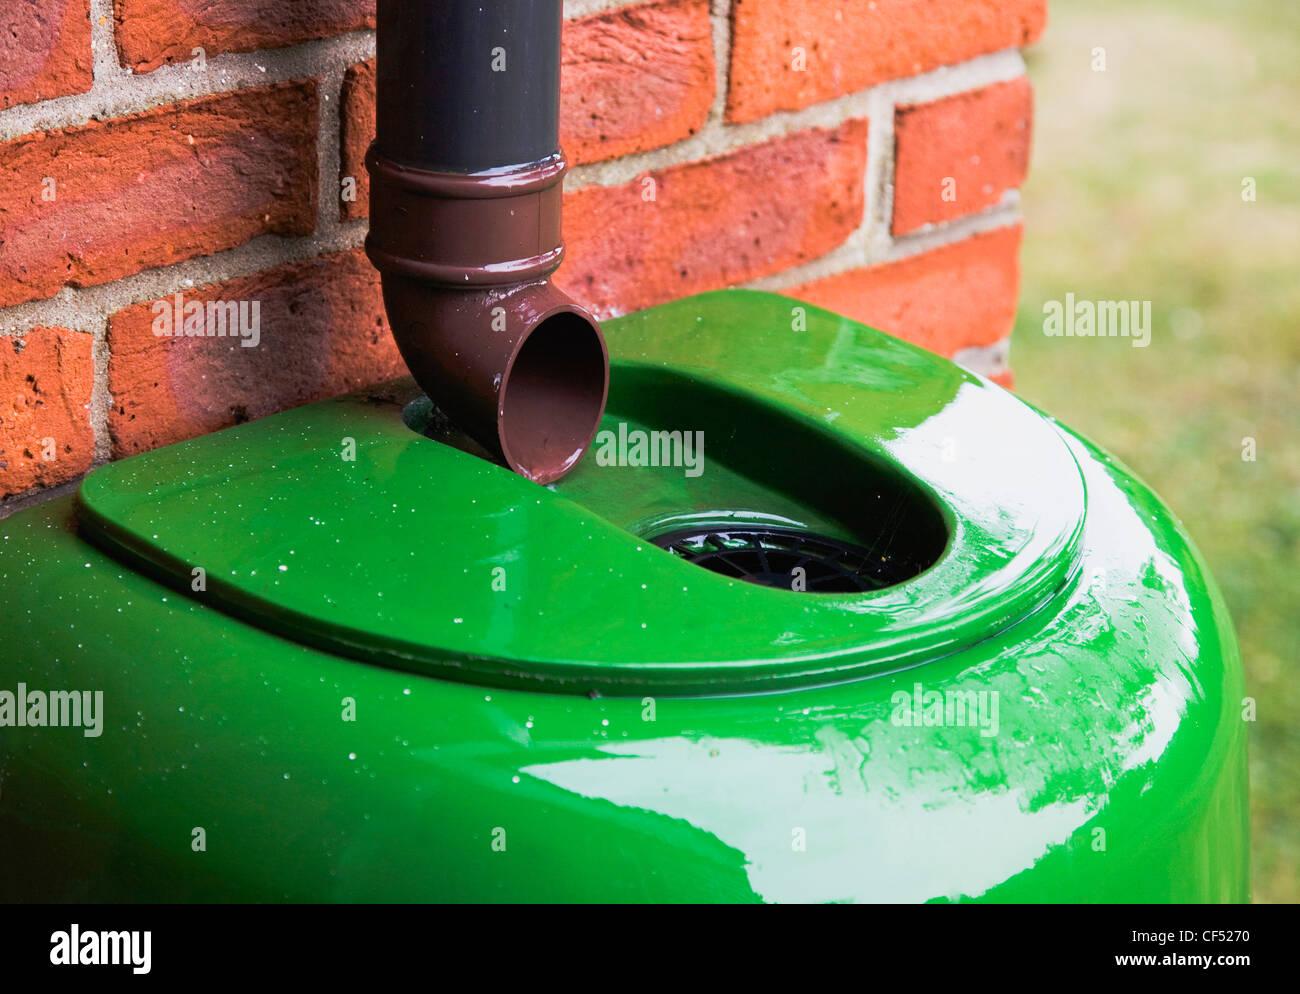 Beliebt Umwelt, Wasser, Dürre, Kunststoff Regentonne sammeln Regenwasser ZP83